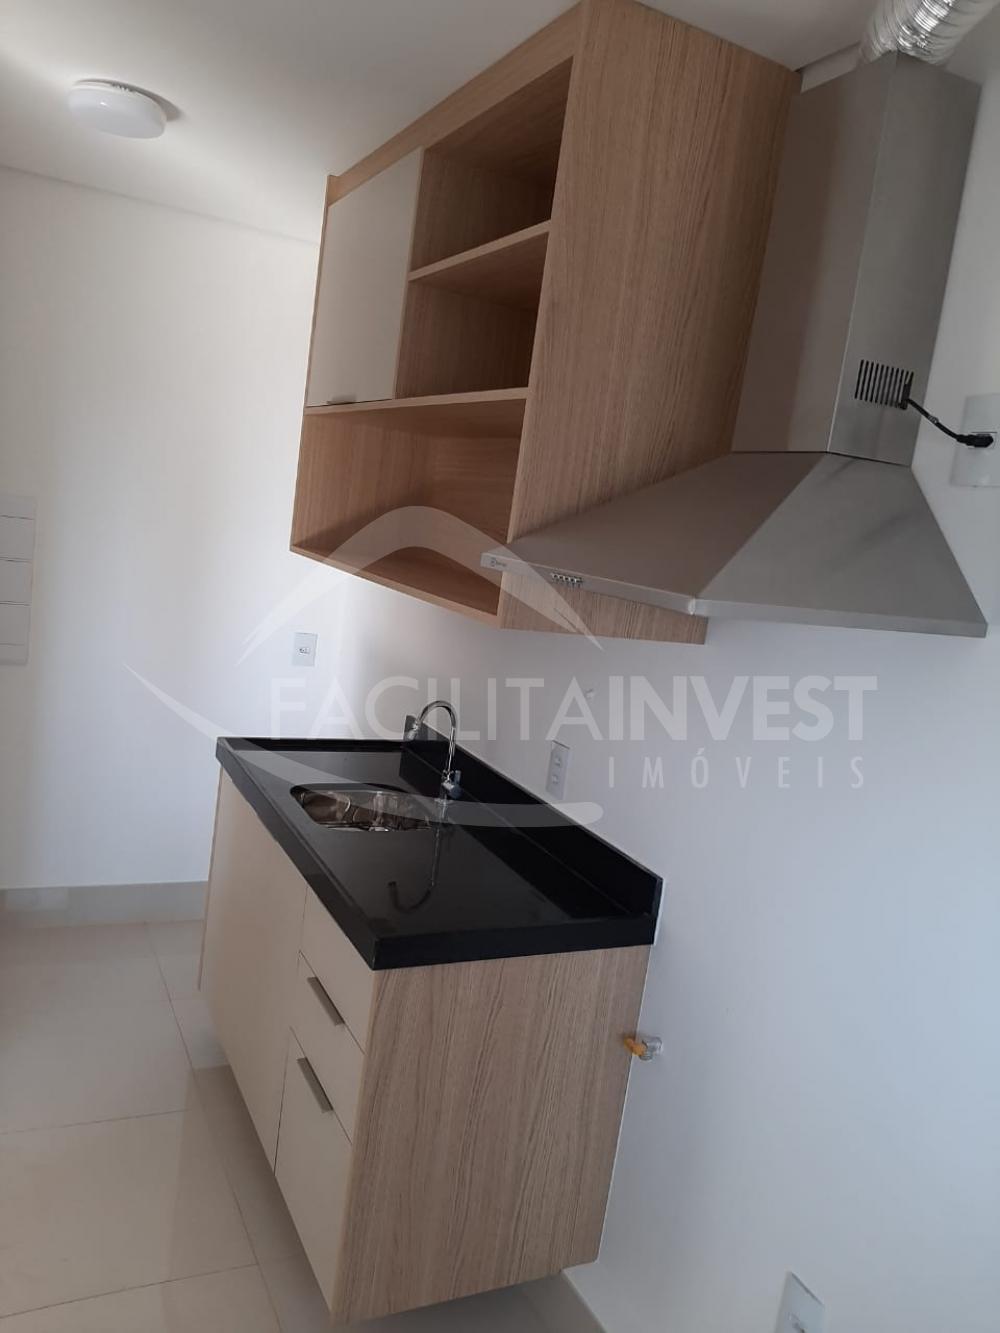 Alugar Apartamentos / Apart. Padrão em Ribeirão Preto apenas R$ 2.700,00 - Foto 2